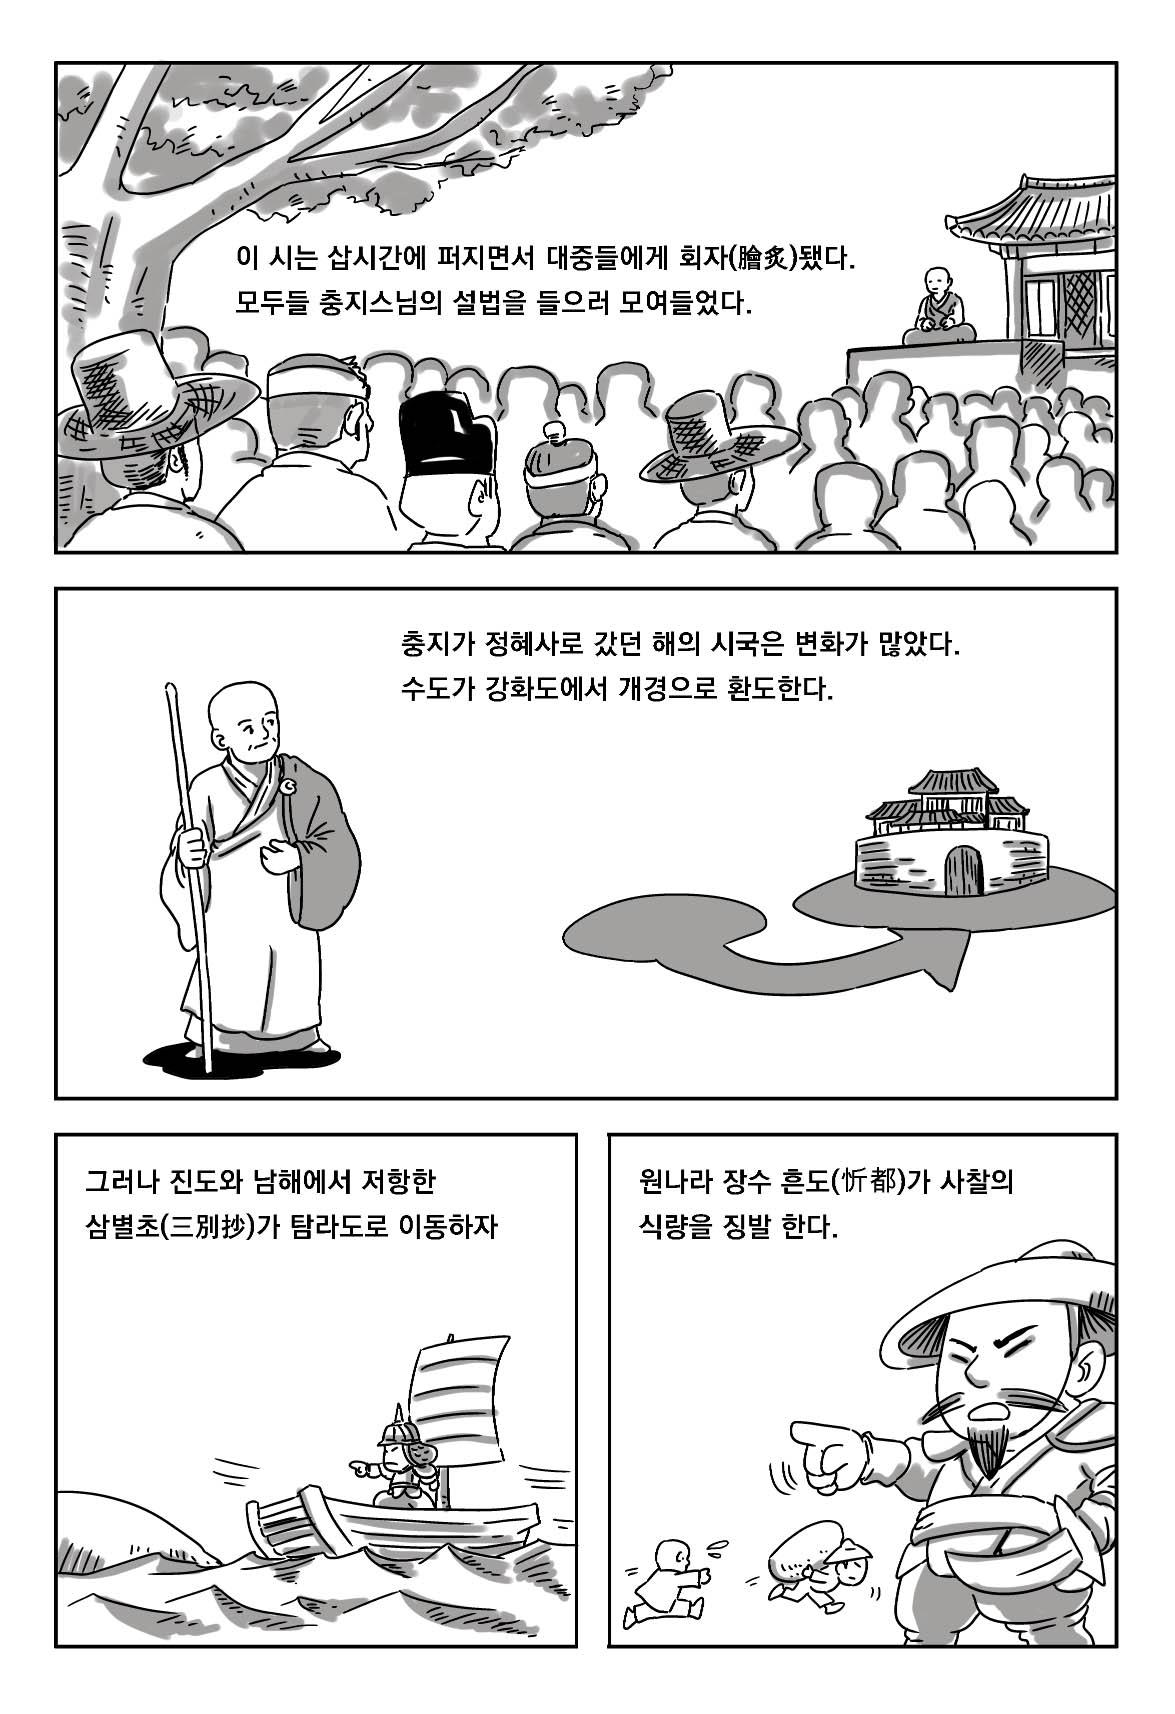 원감국사_003.jpg